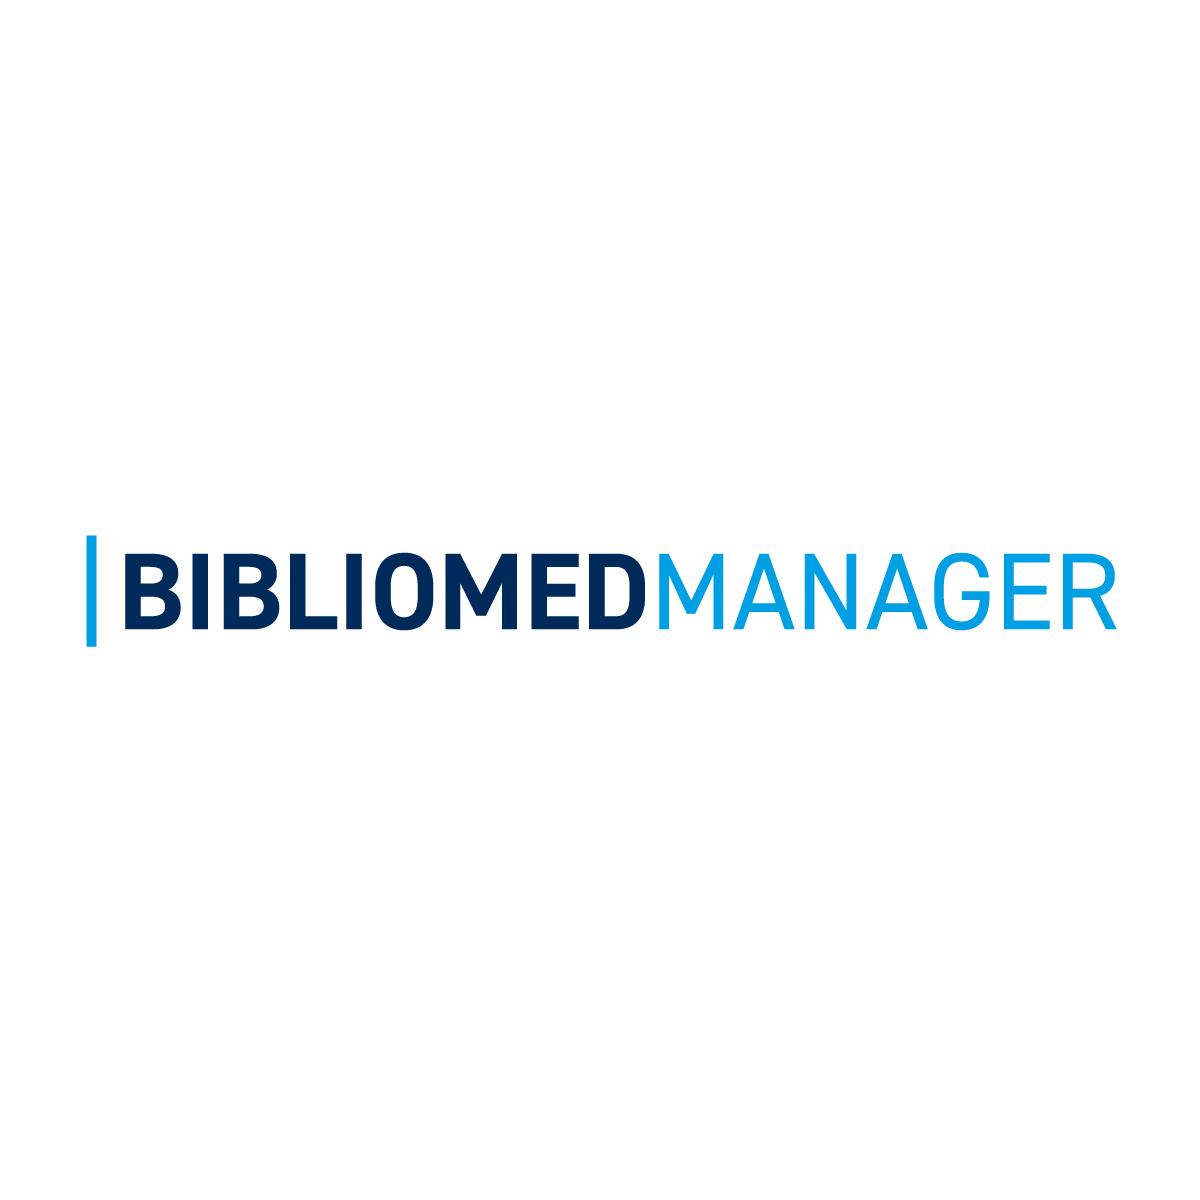 Politik - BibliomedManager